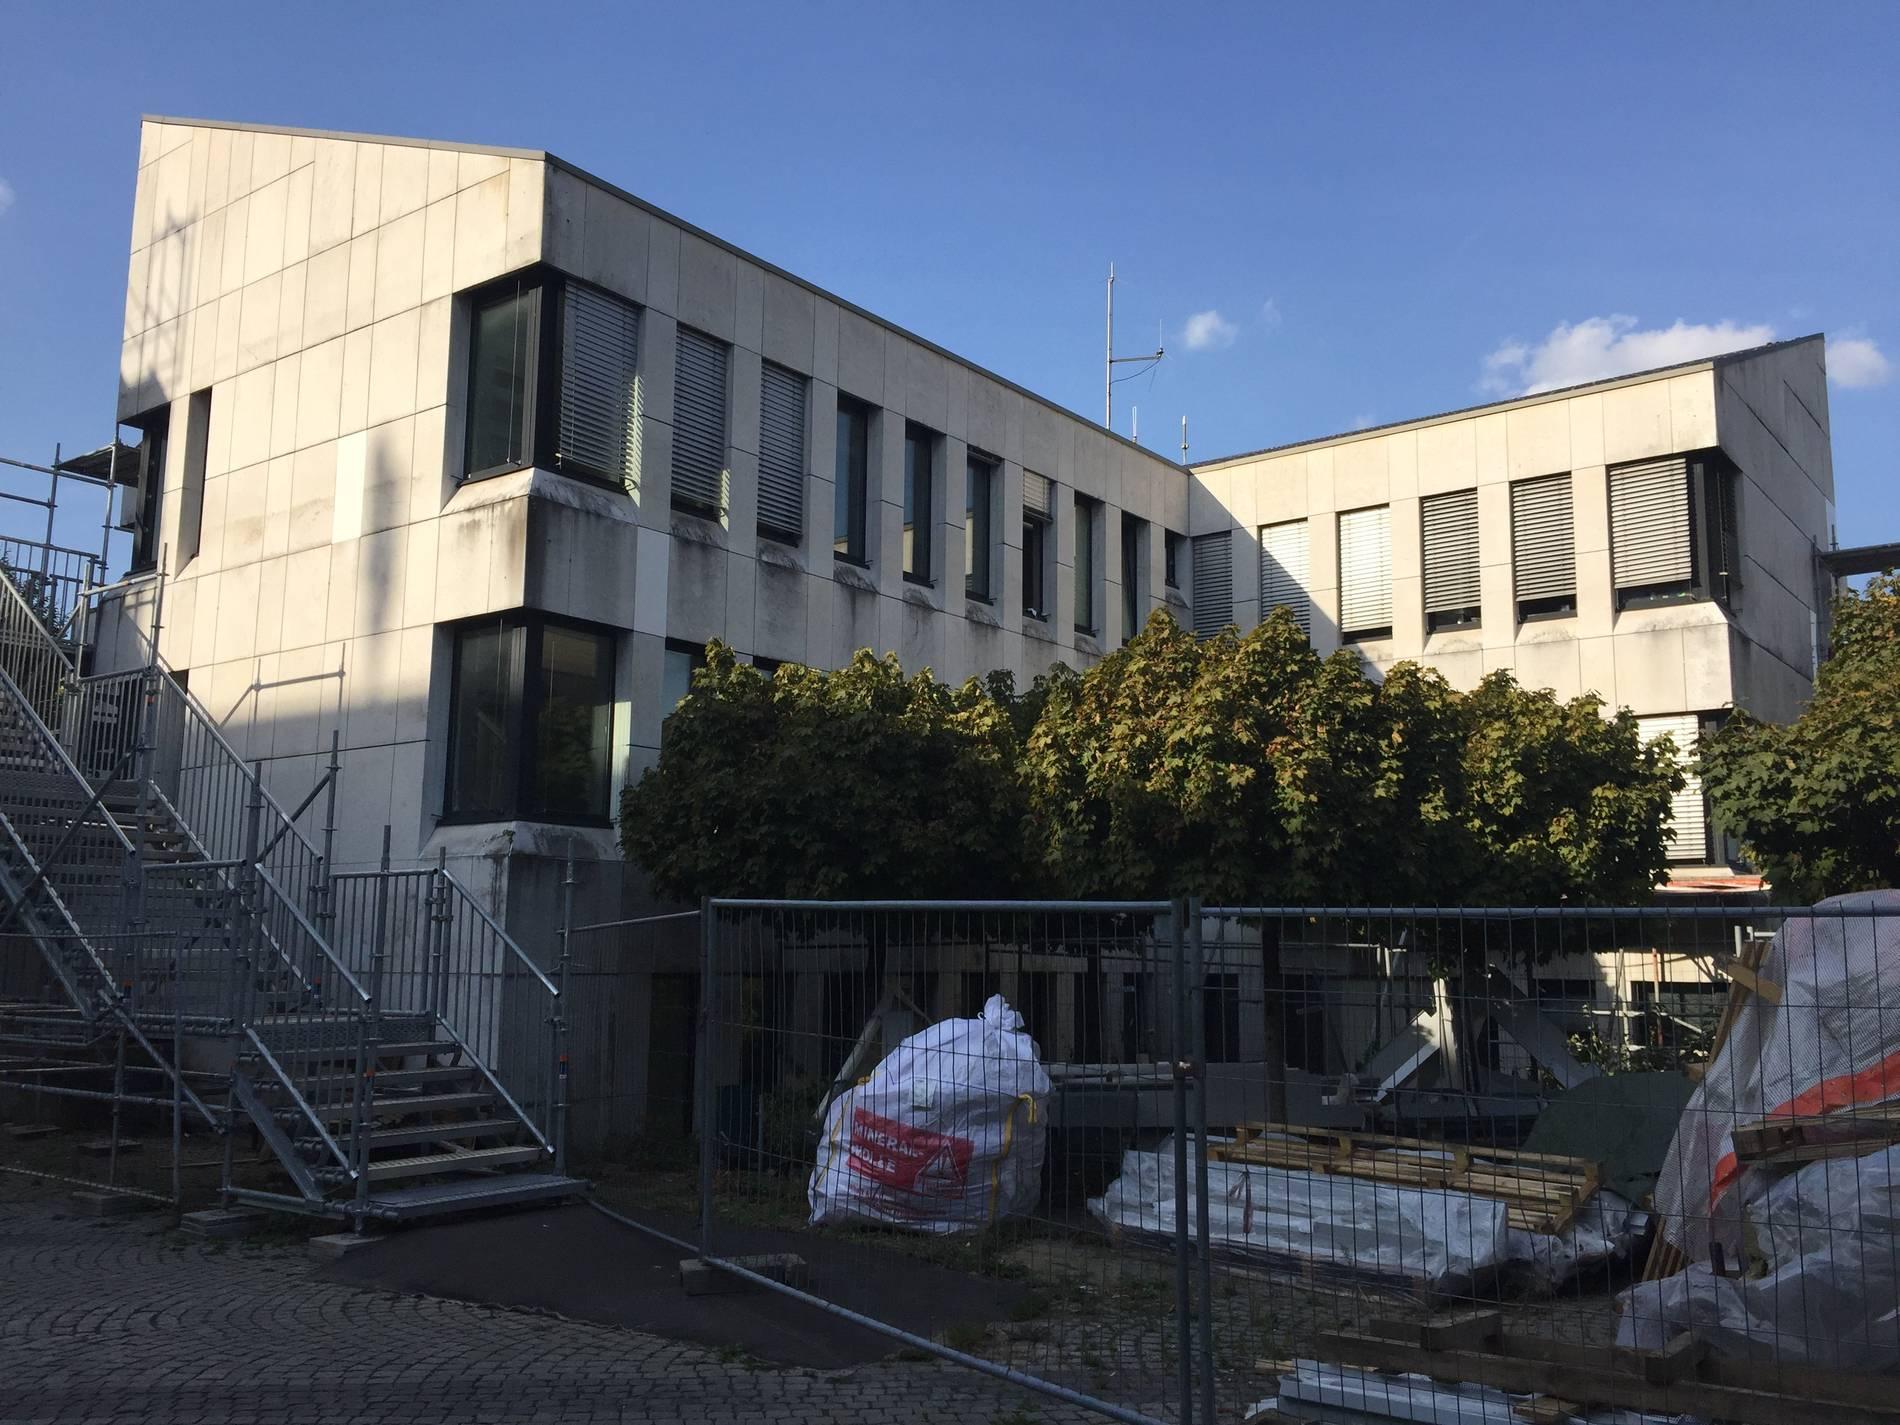 Wermelskirchen Stadt Sucht Bezahlbaren Wohnraum Für Flüchtlinge